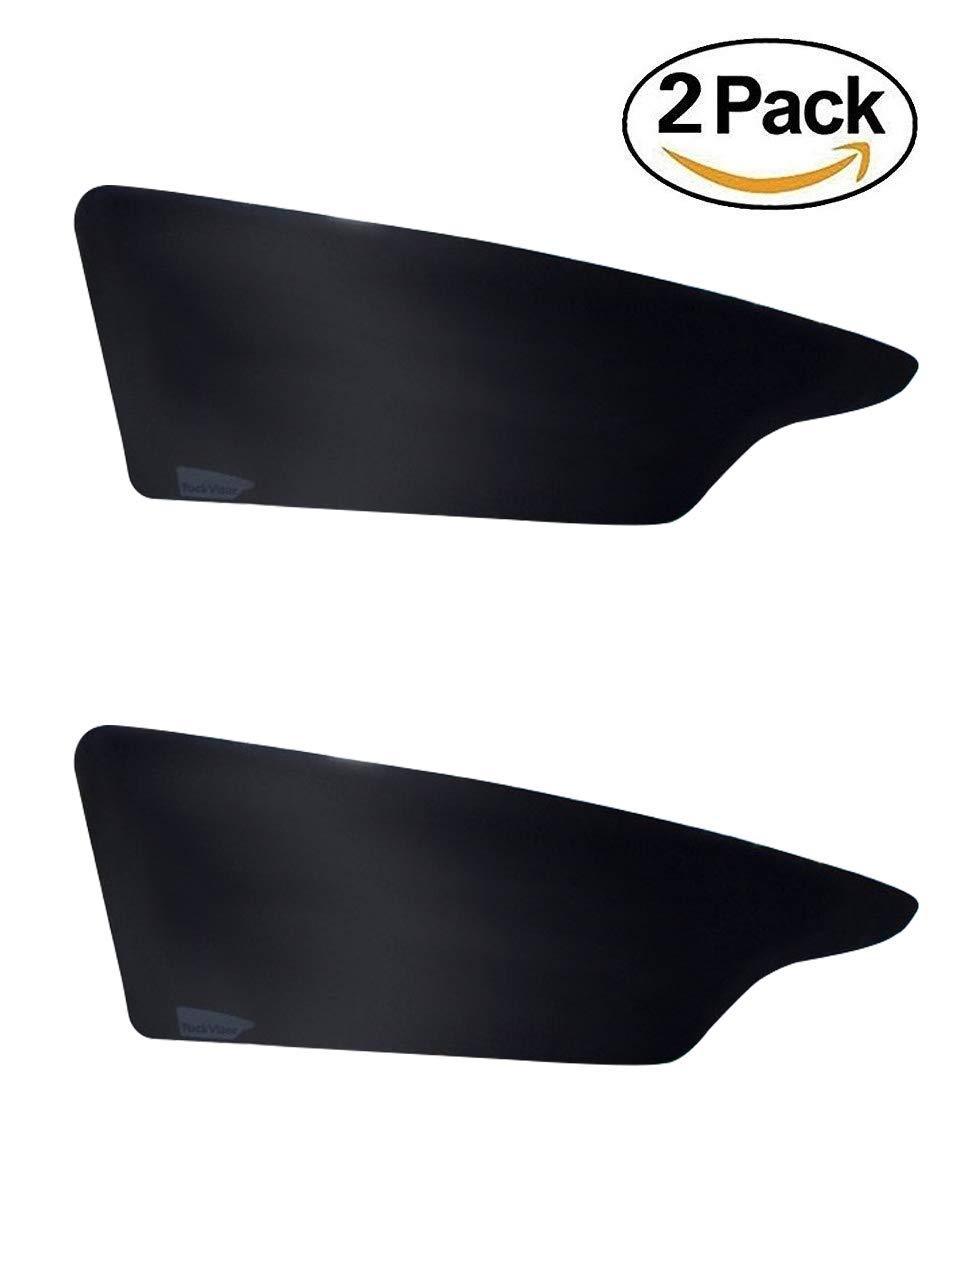 TuckVisor Windshield Sunshade Car Sun Window Shade Visor Shades Sunshade Visors Extender 4 Pack